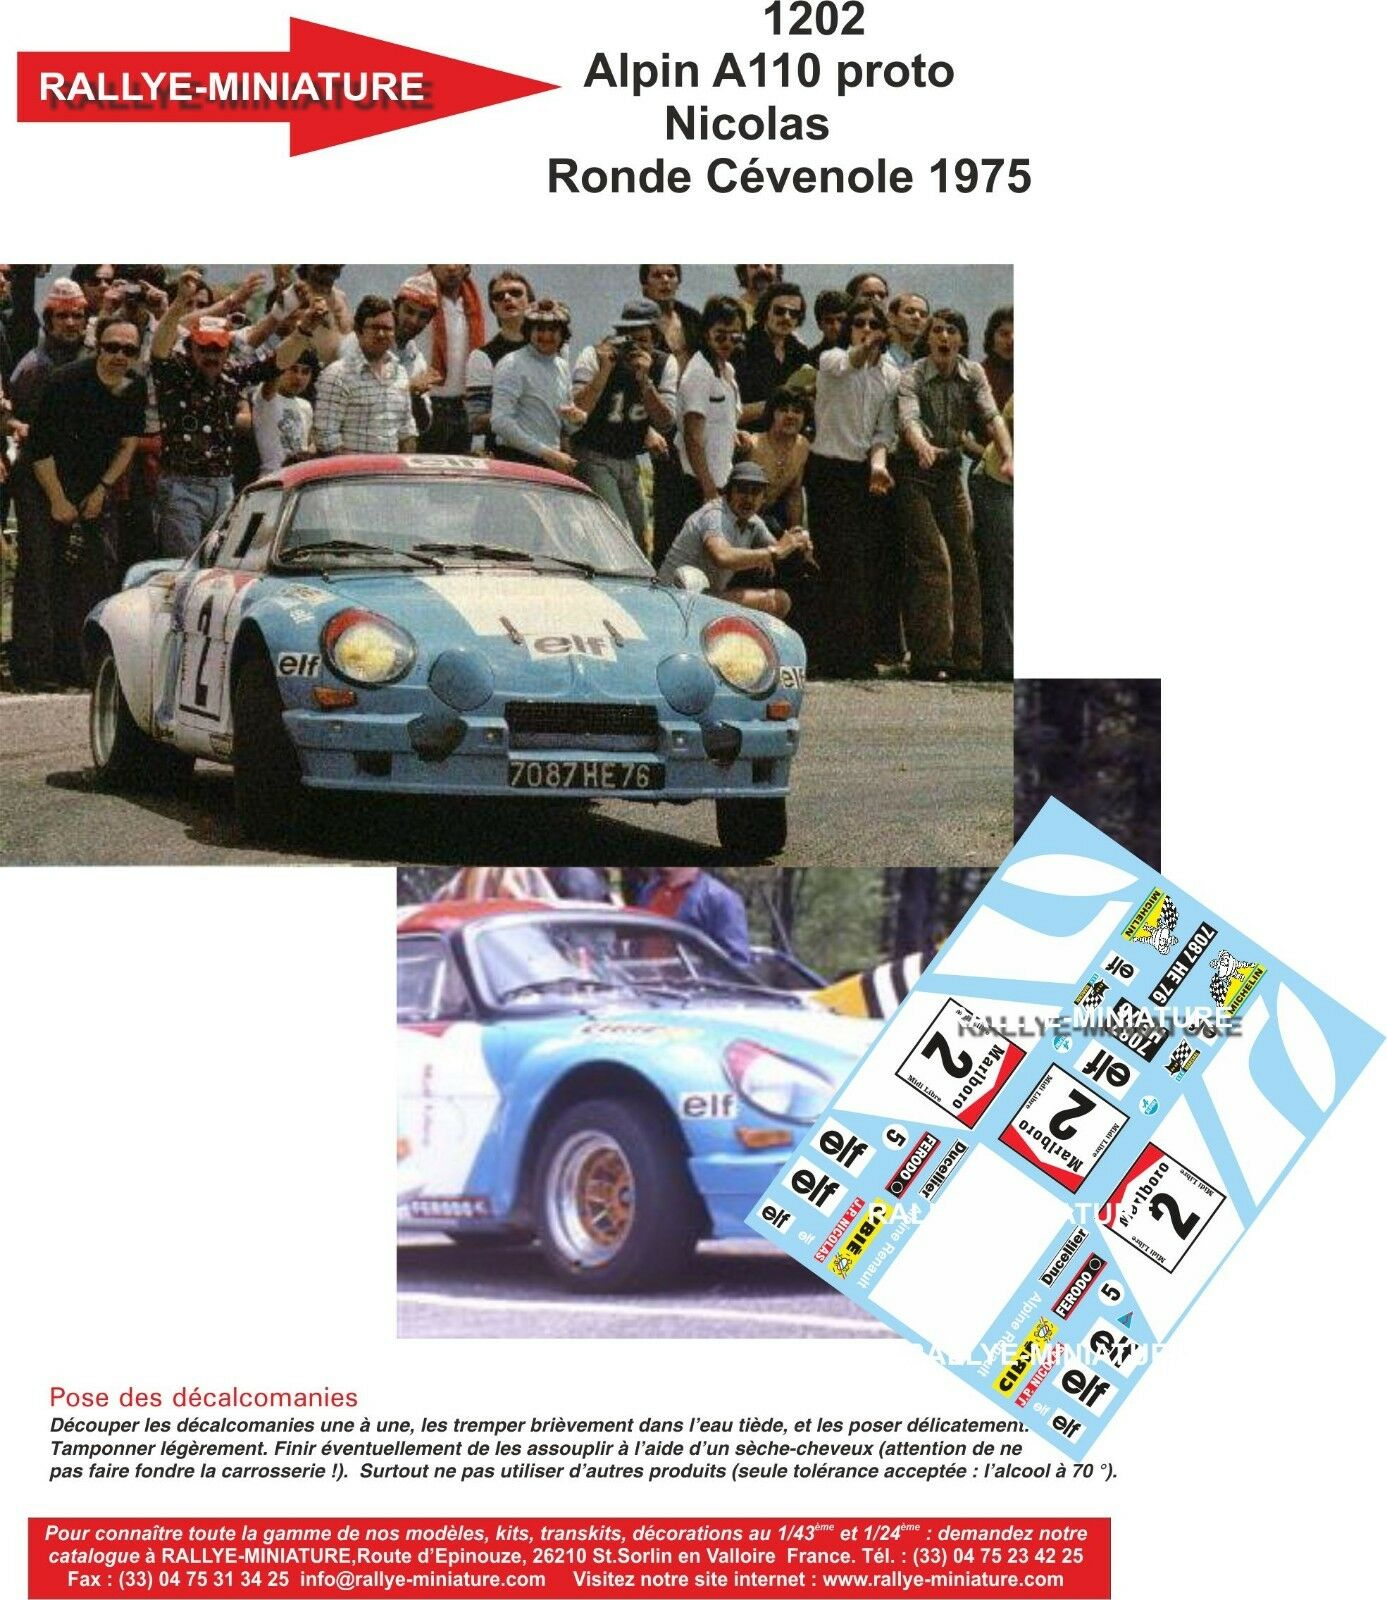 Aufkleber 12 1   12 Aufkleber ref 1202 alpine a110 nicolas rund cevennen 1975 rallye renault 39784f